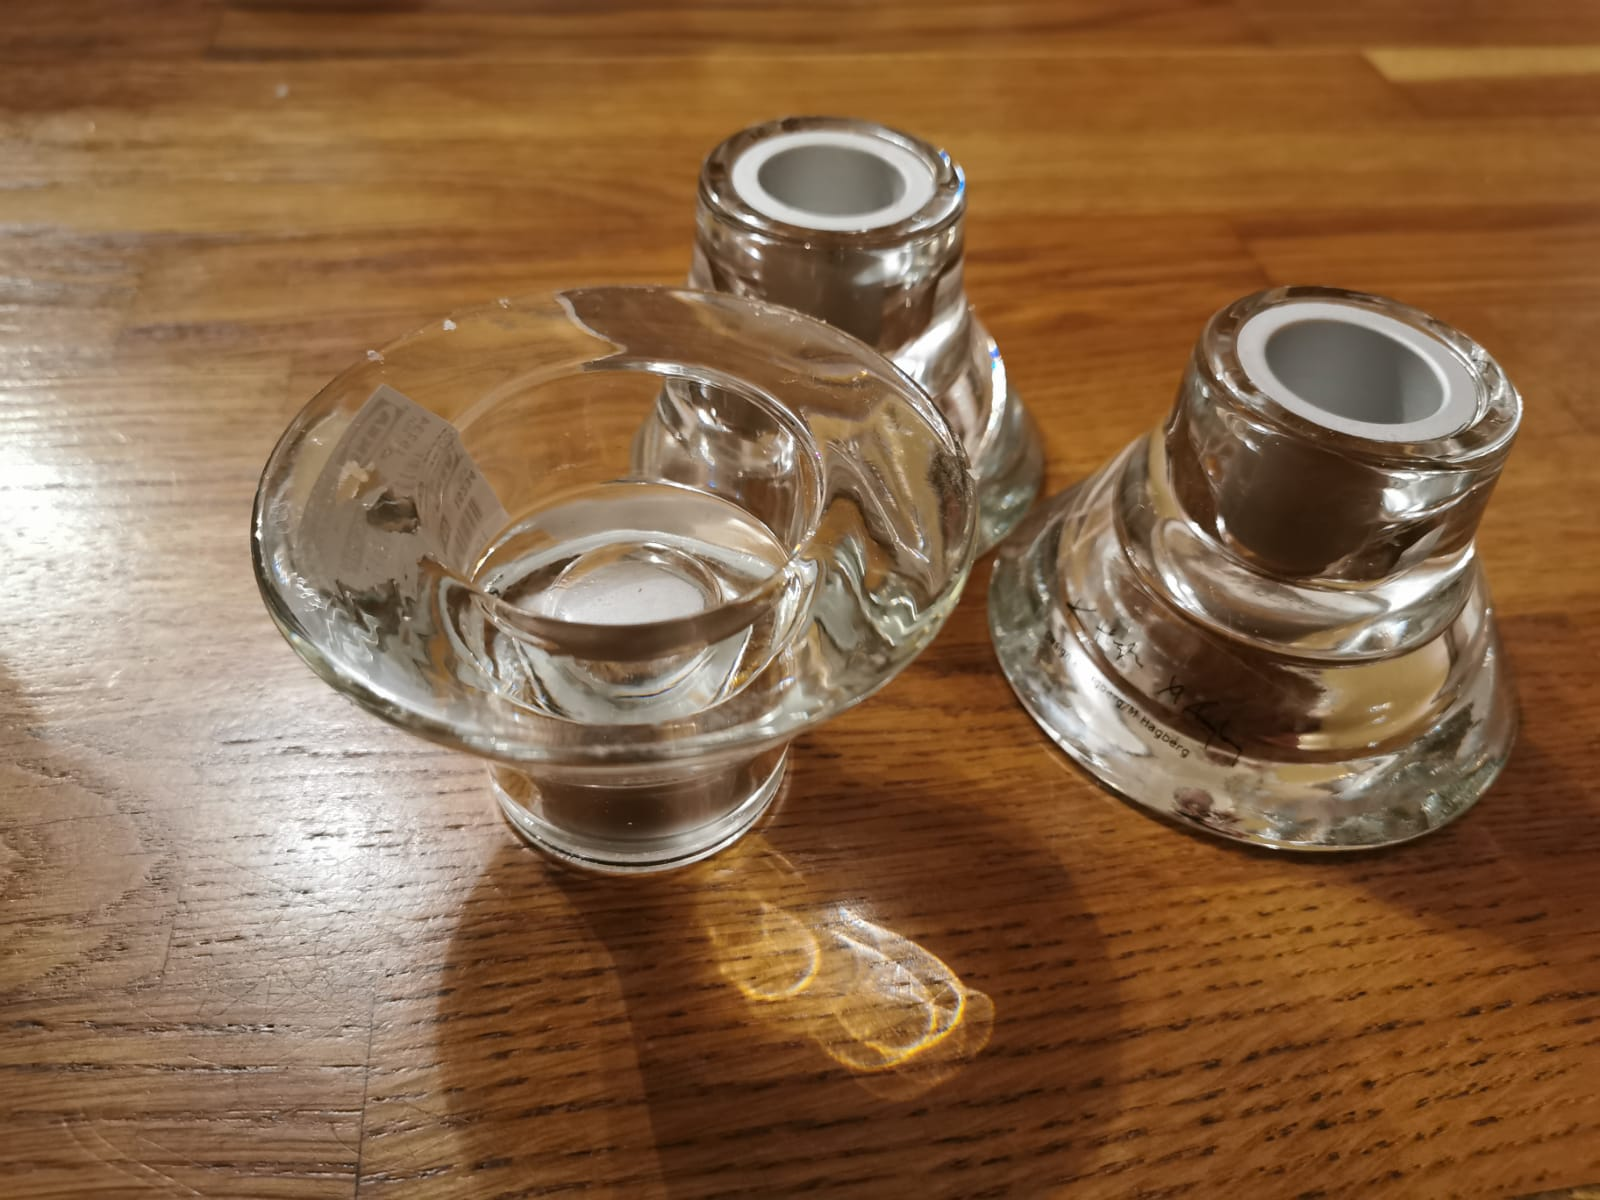 Svícny na čajové nebo vysoké svíčky - Obrázek č. 1